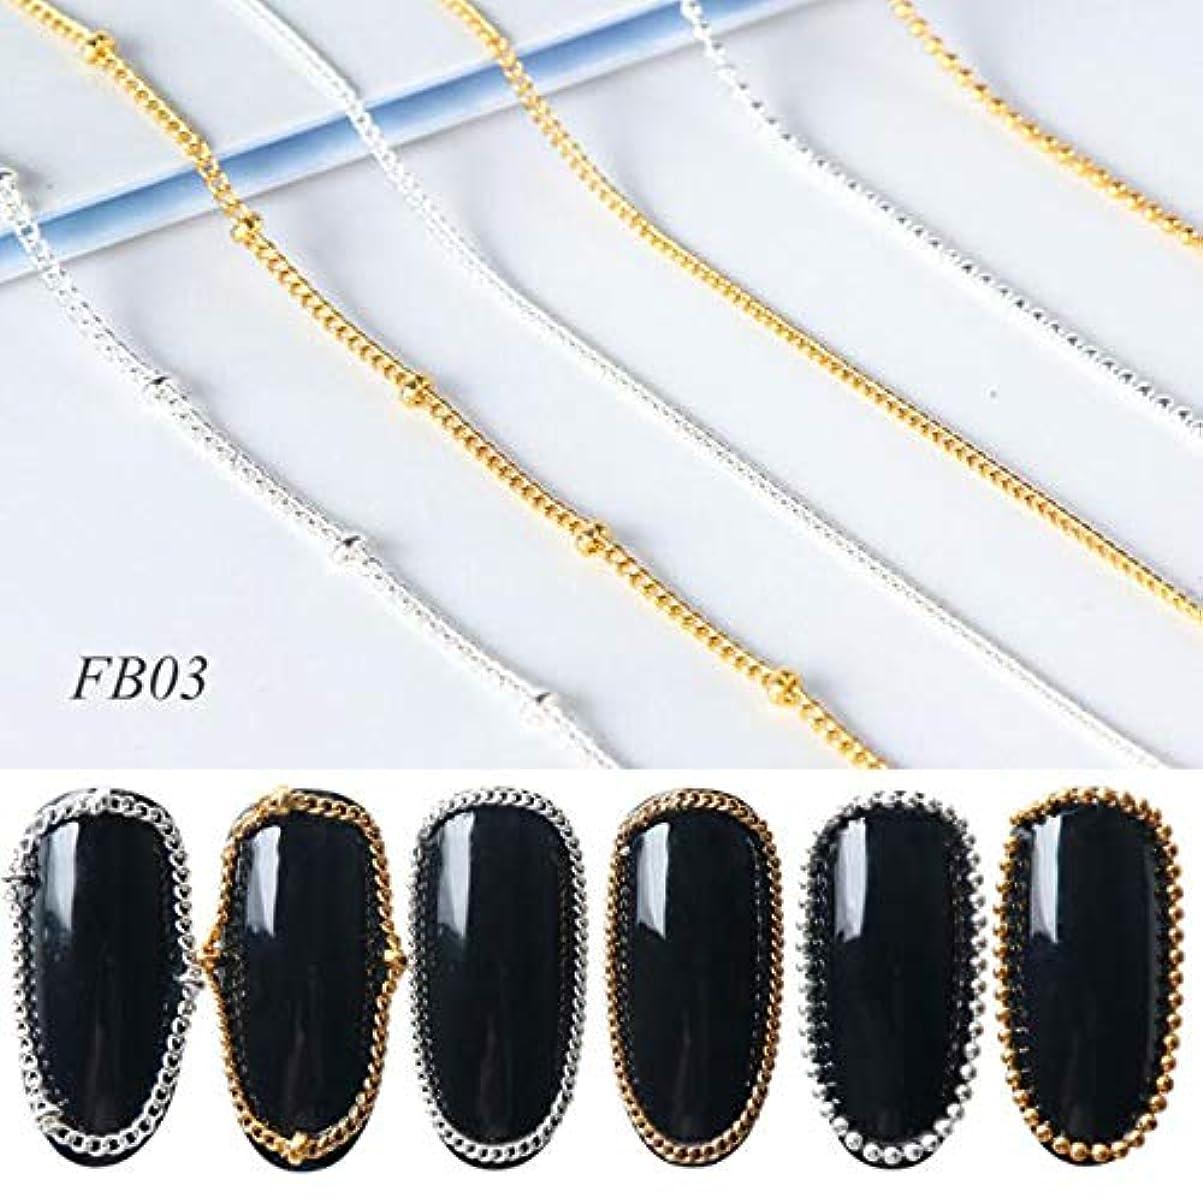 痛み激怒アミューズ6PCSラインストーンのために釘リンクチェーンネイルアートゴールド合金ラインストーンの装飾3Dダイヤモンドストーンチャームジュエリーアクセサリー,3